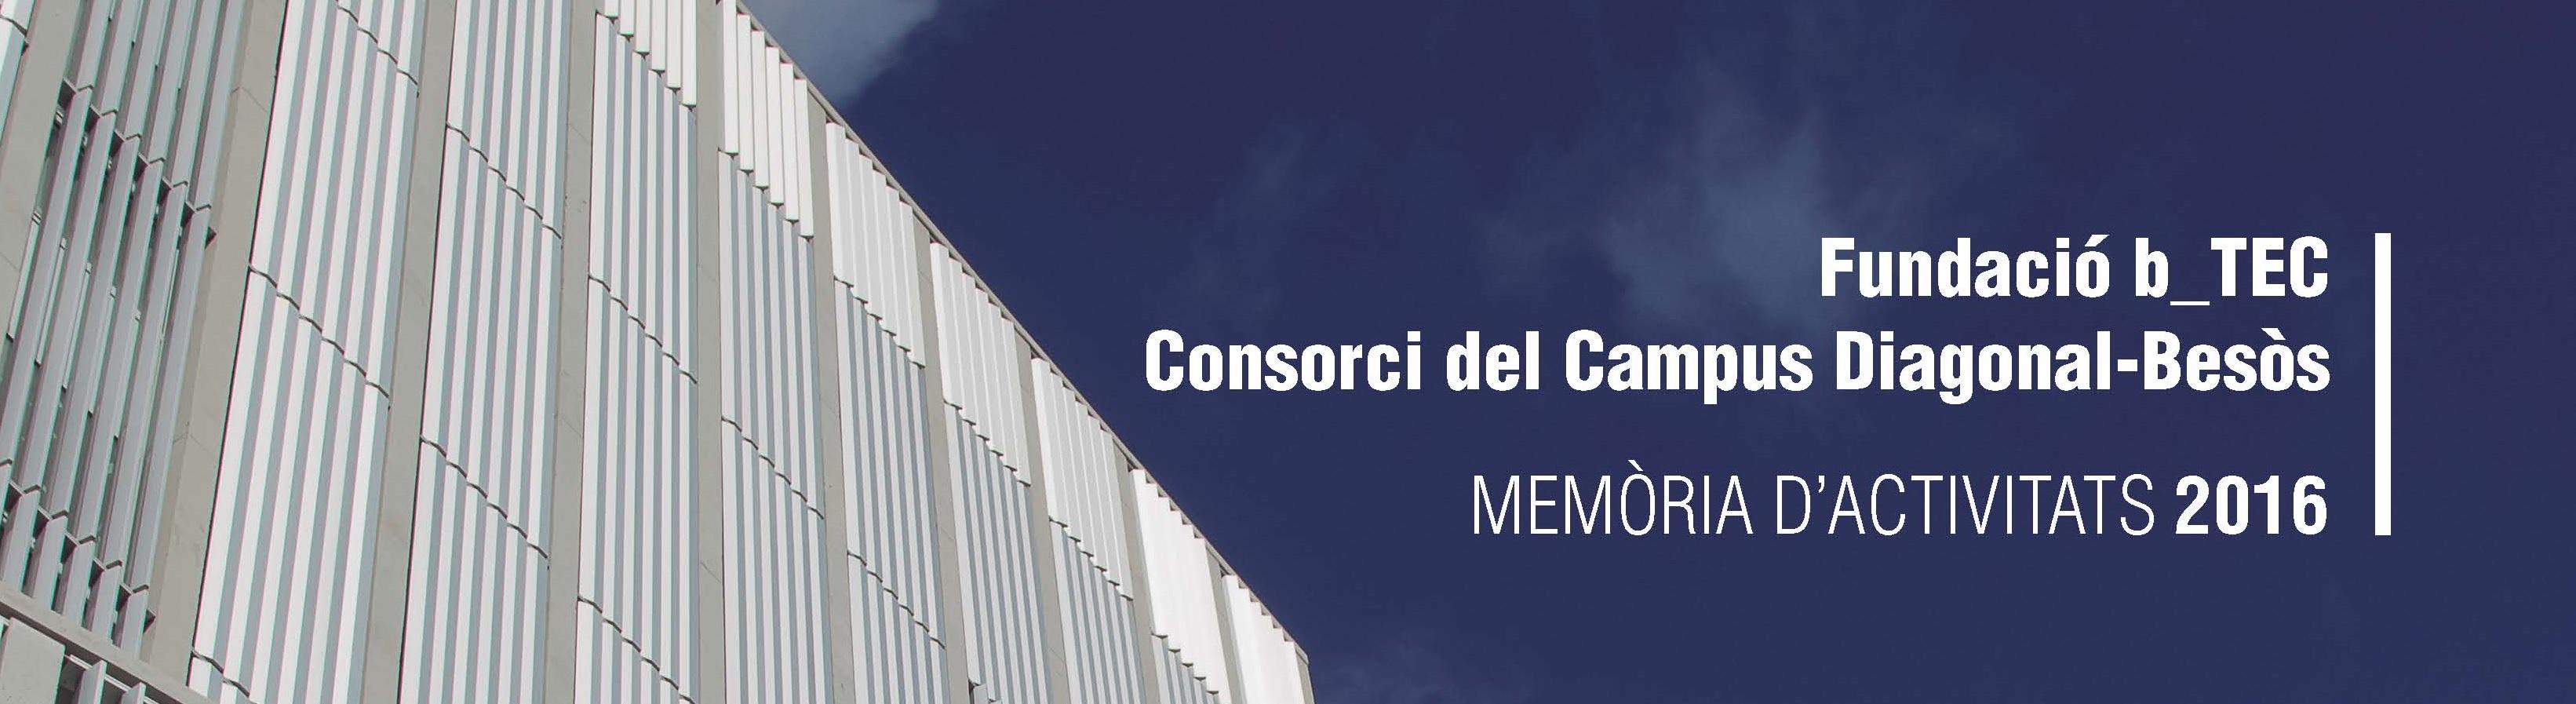 Memòria anual 2016 caratula